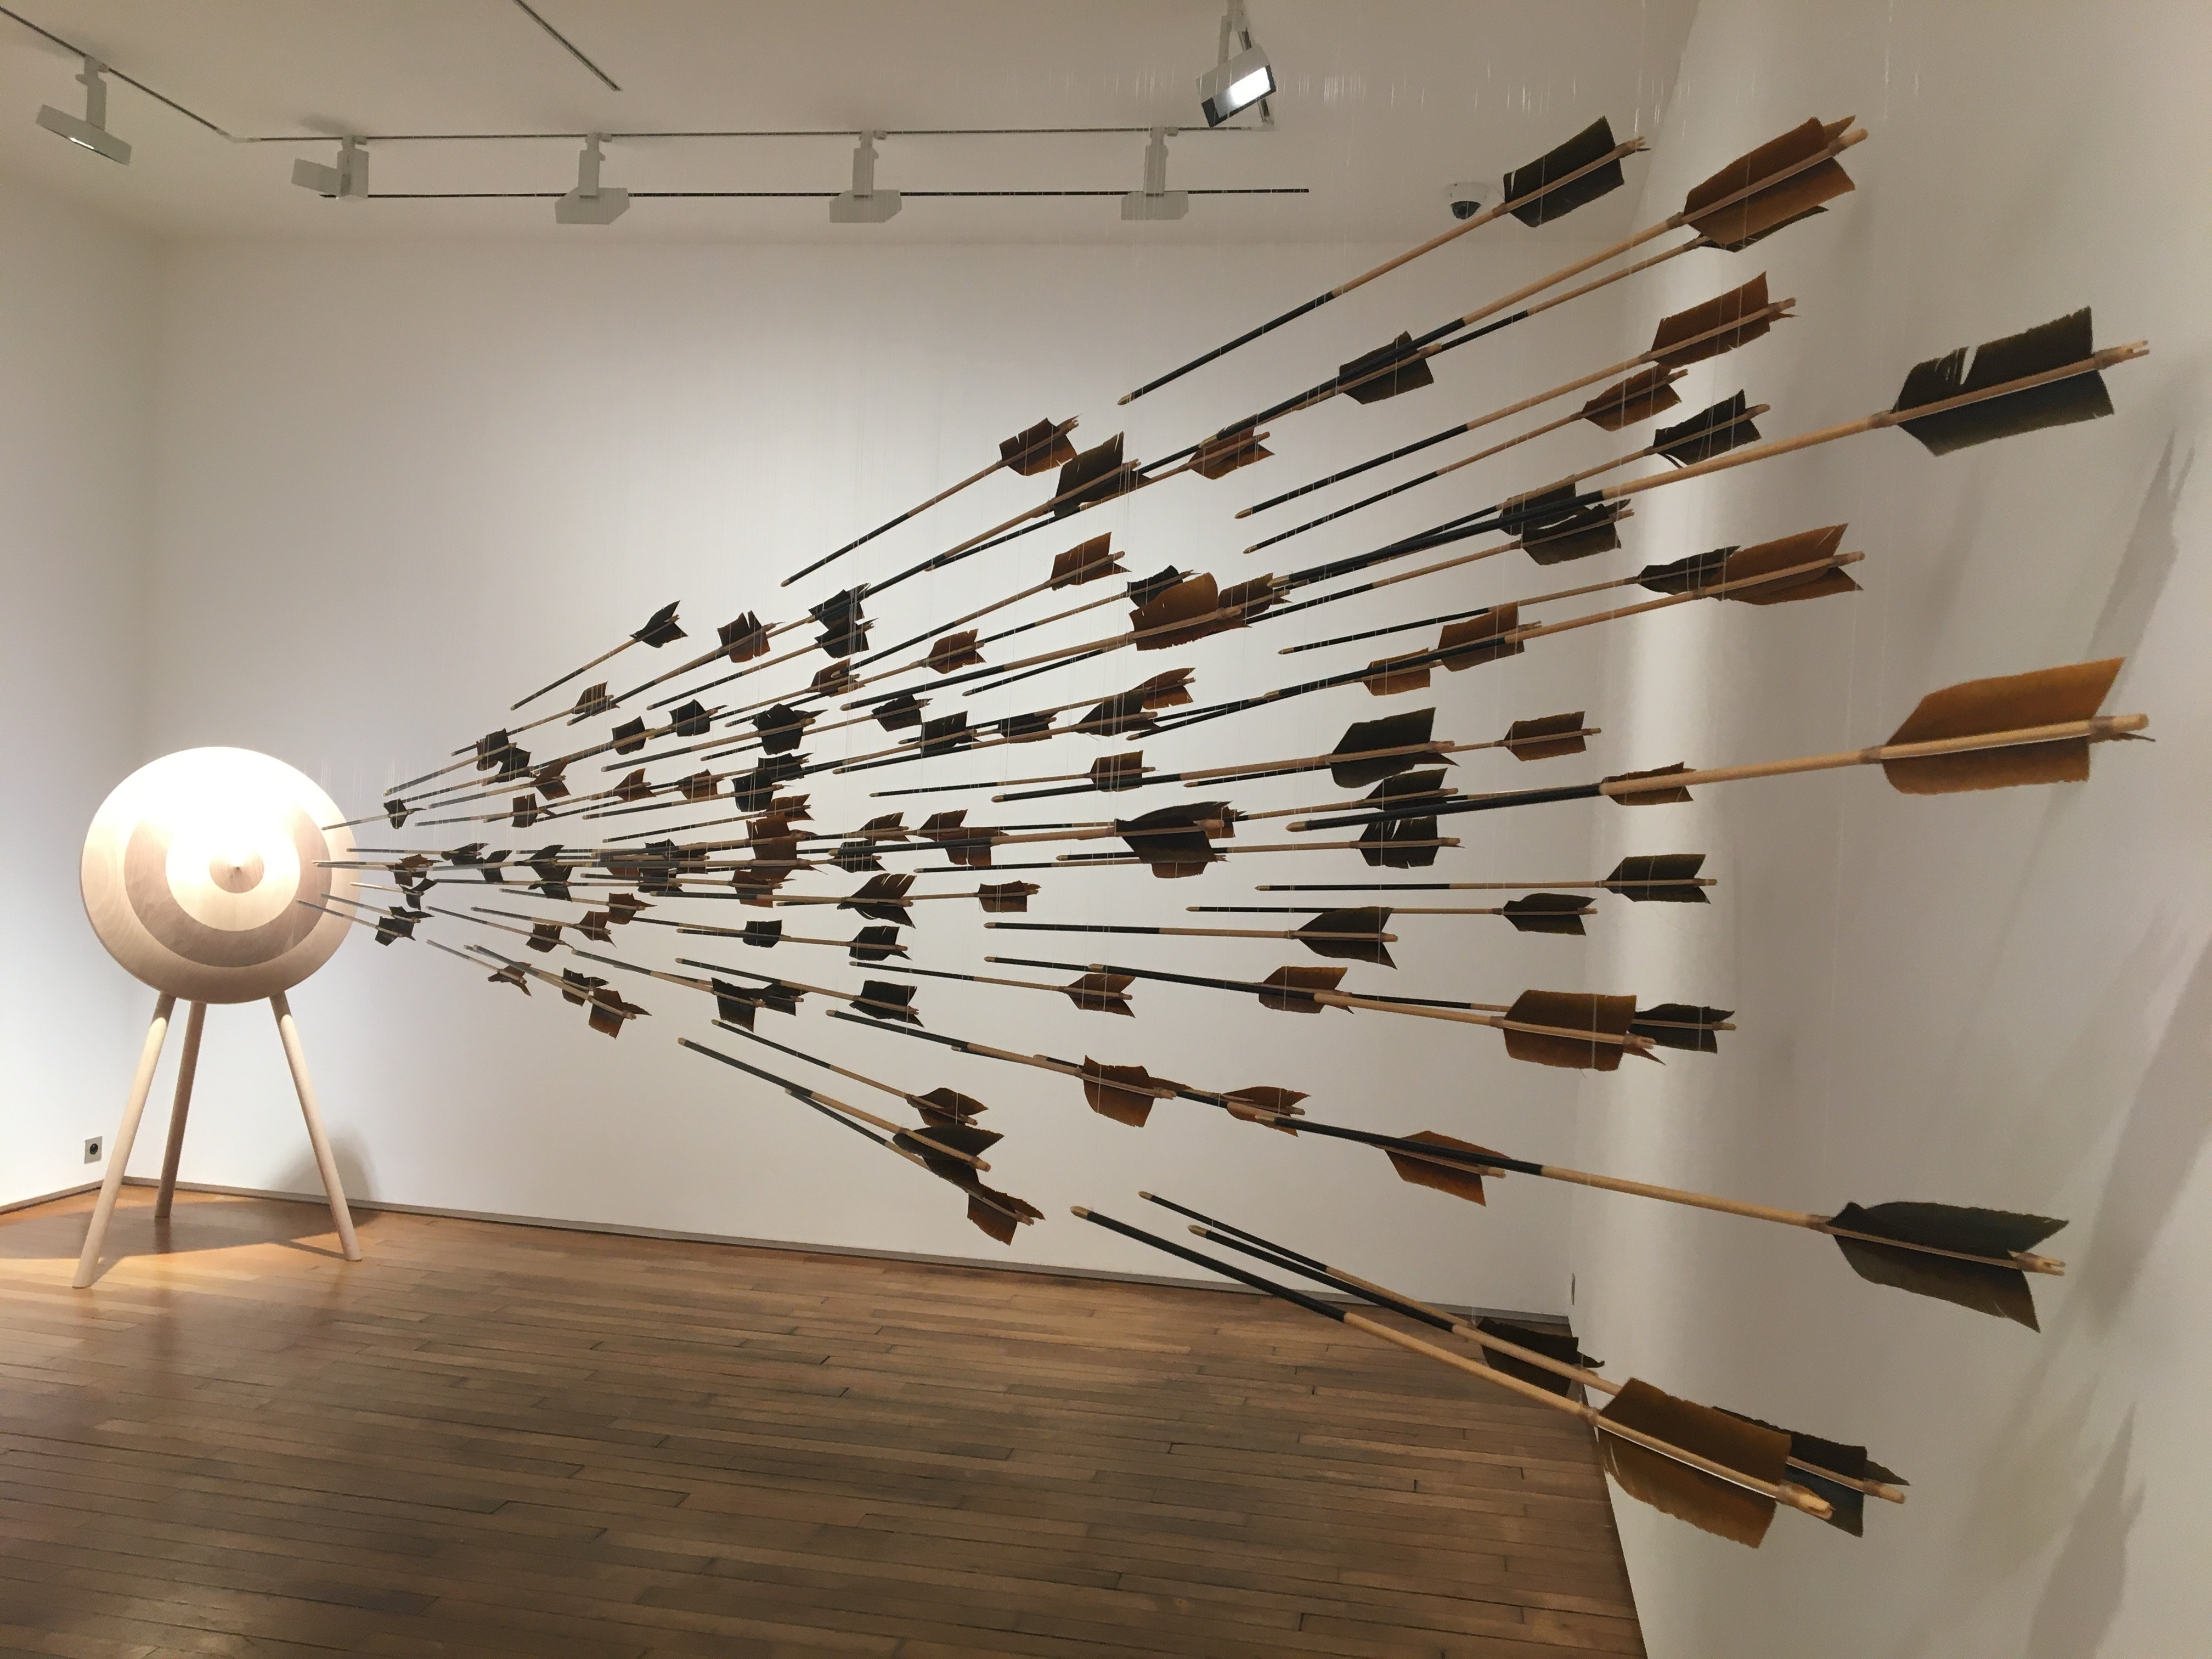 Amazone Érogène, Exposition Prune Nourry à la Galerie Templon, Paris